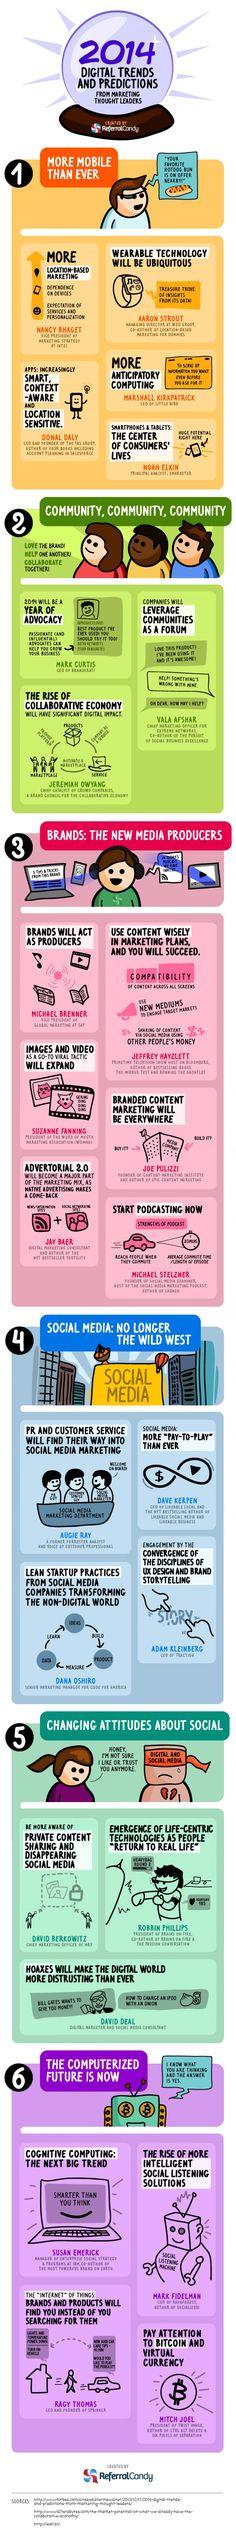 38 best Motivations images on Pinterest Social media, Inbound